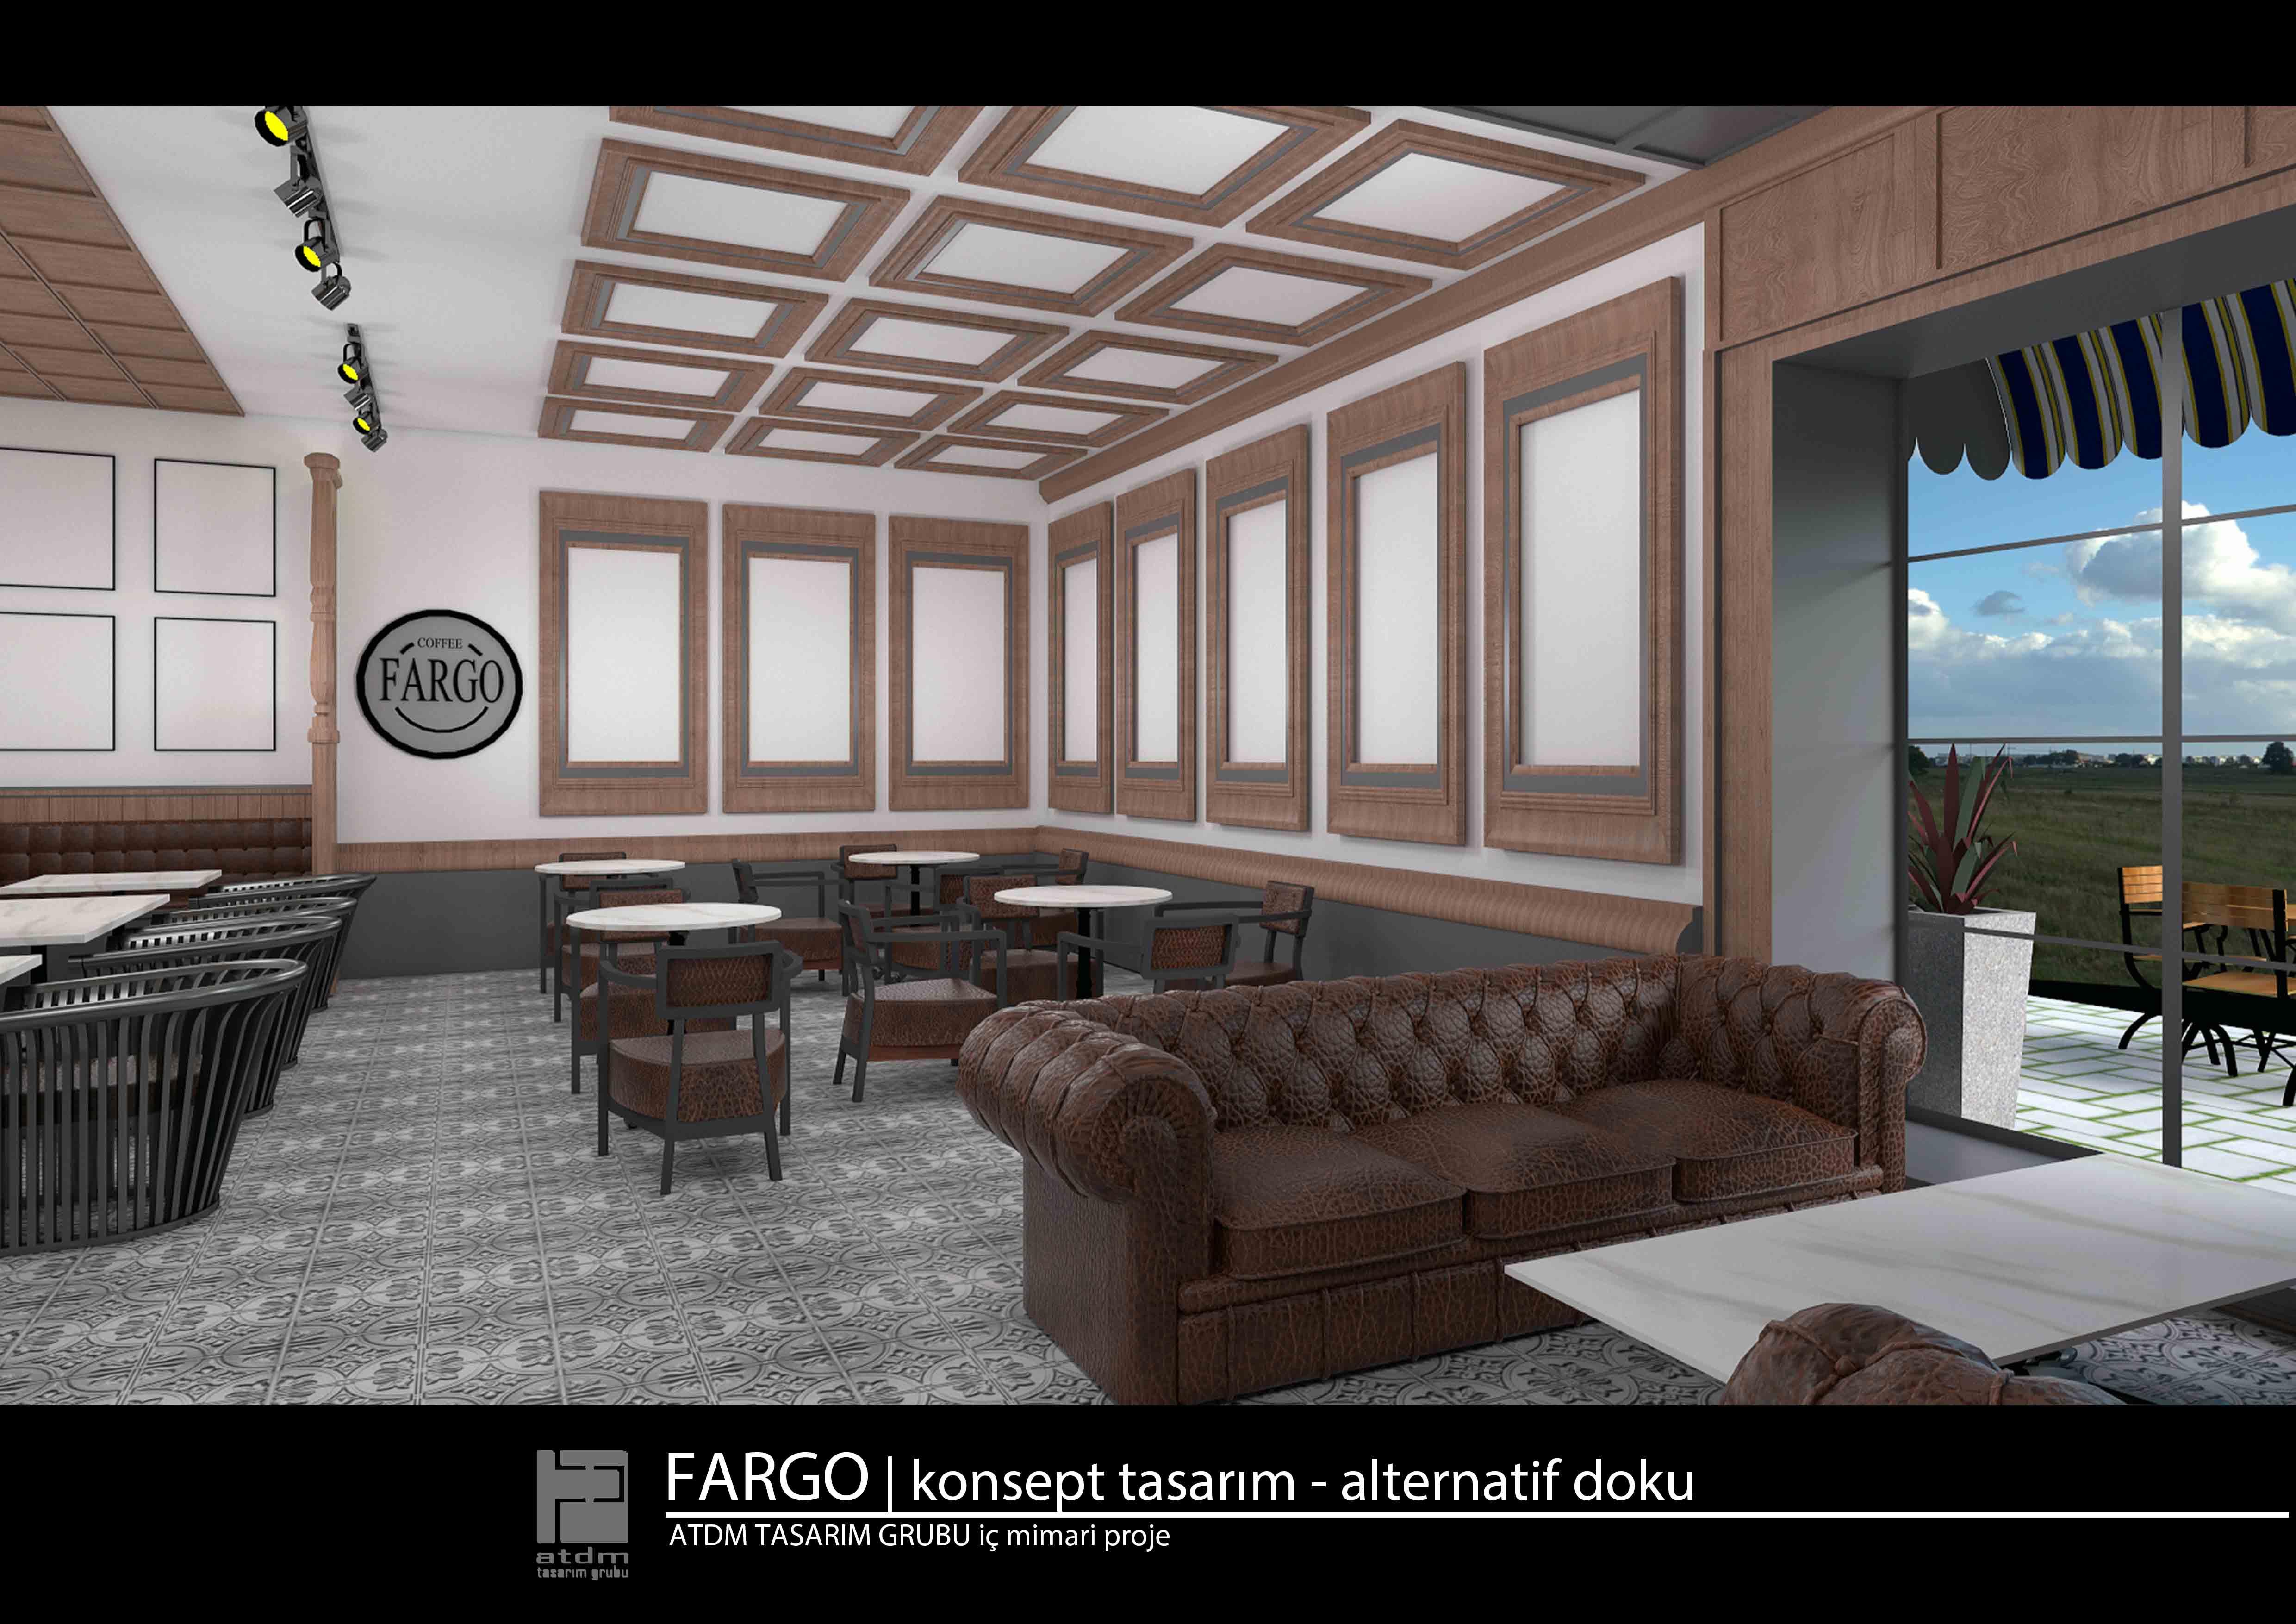 Fargo Cafe